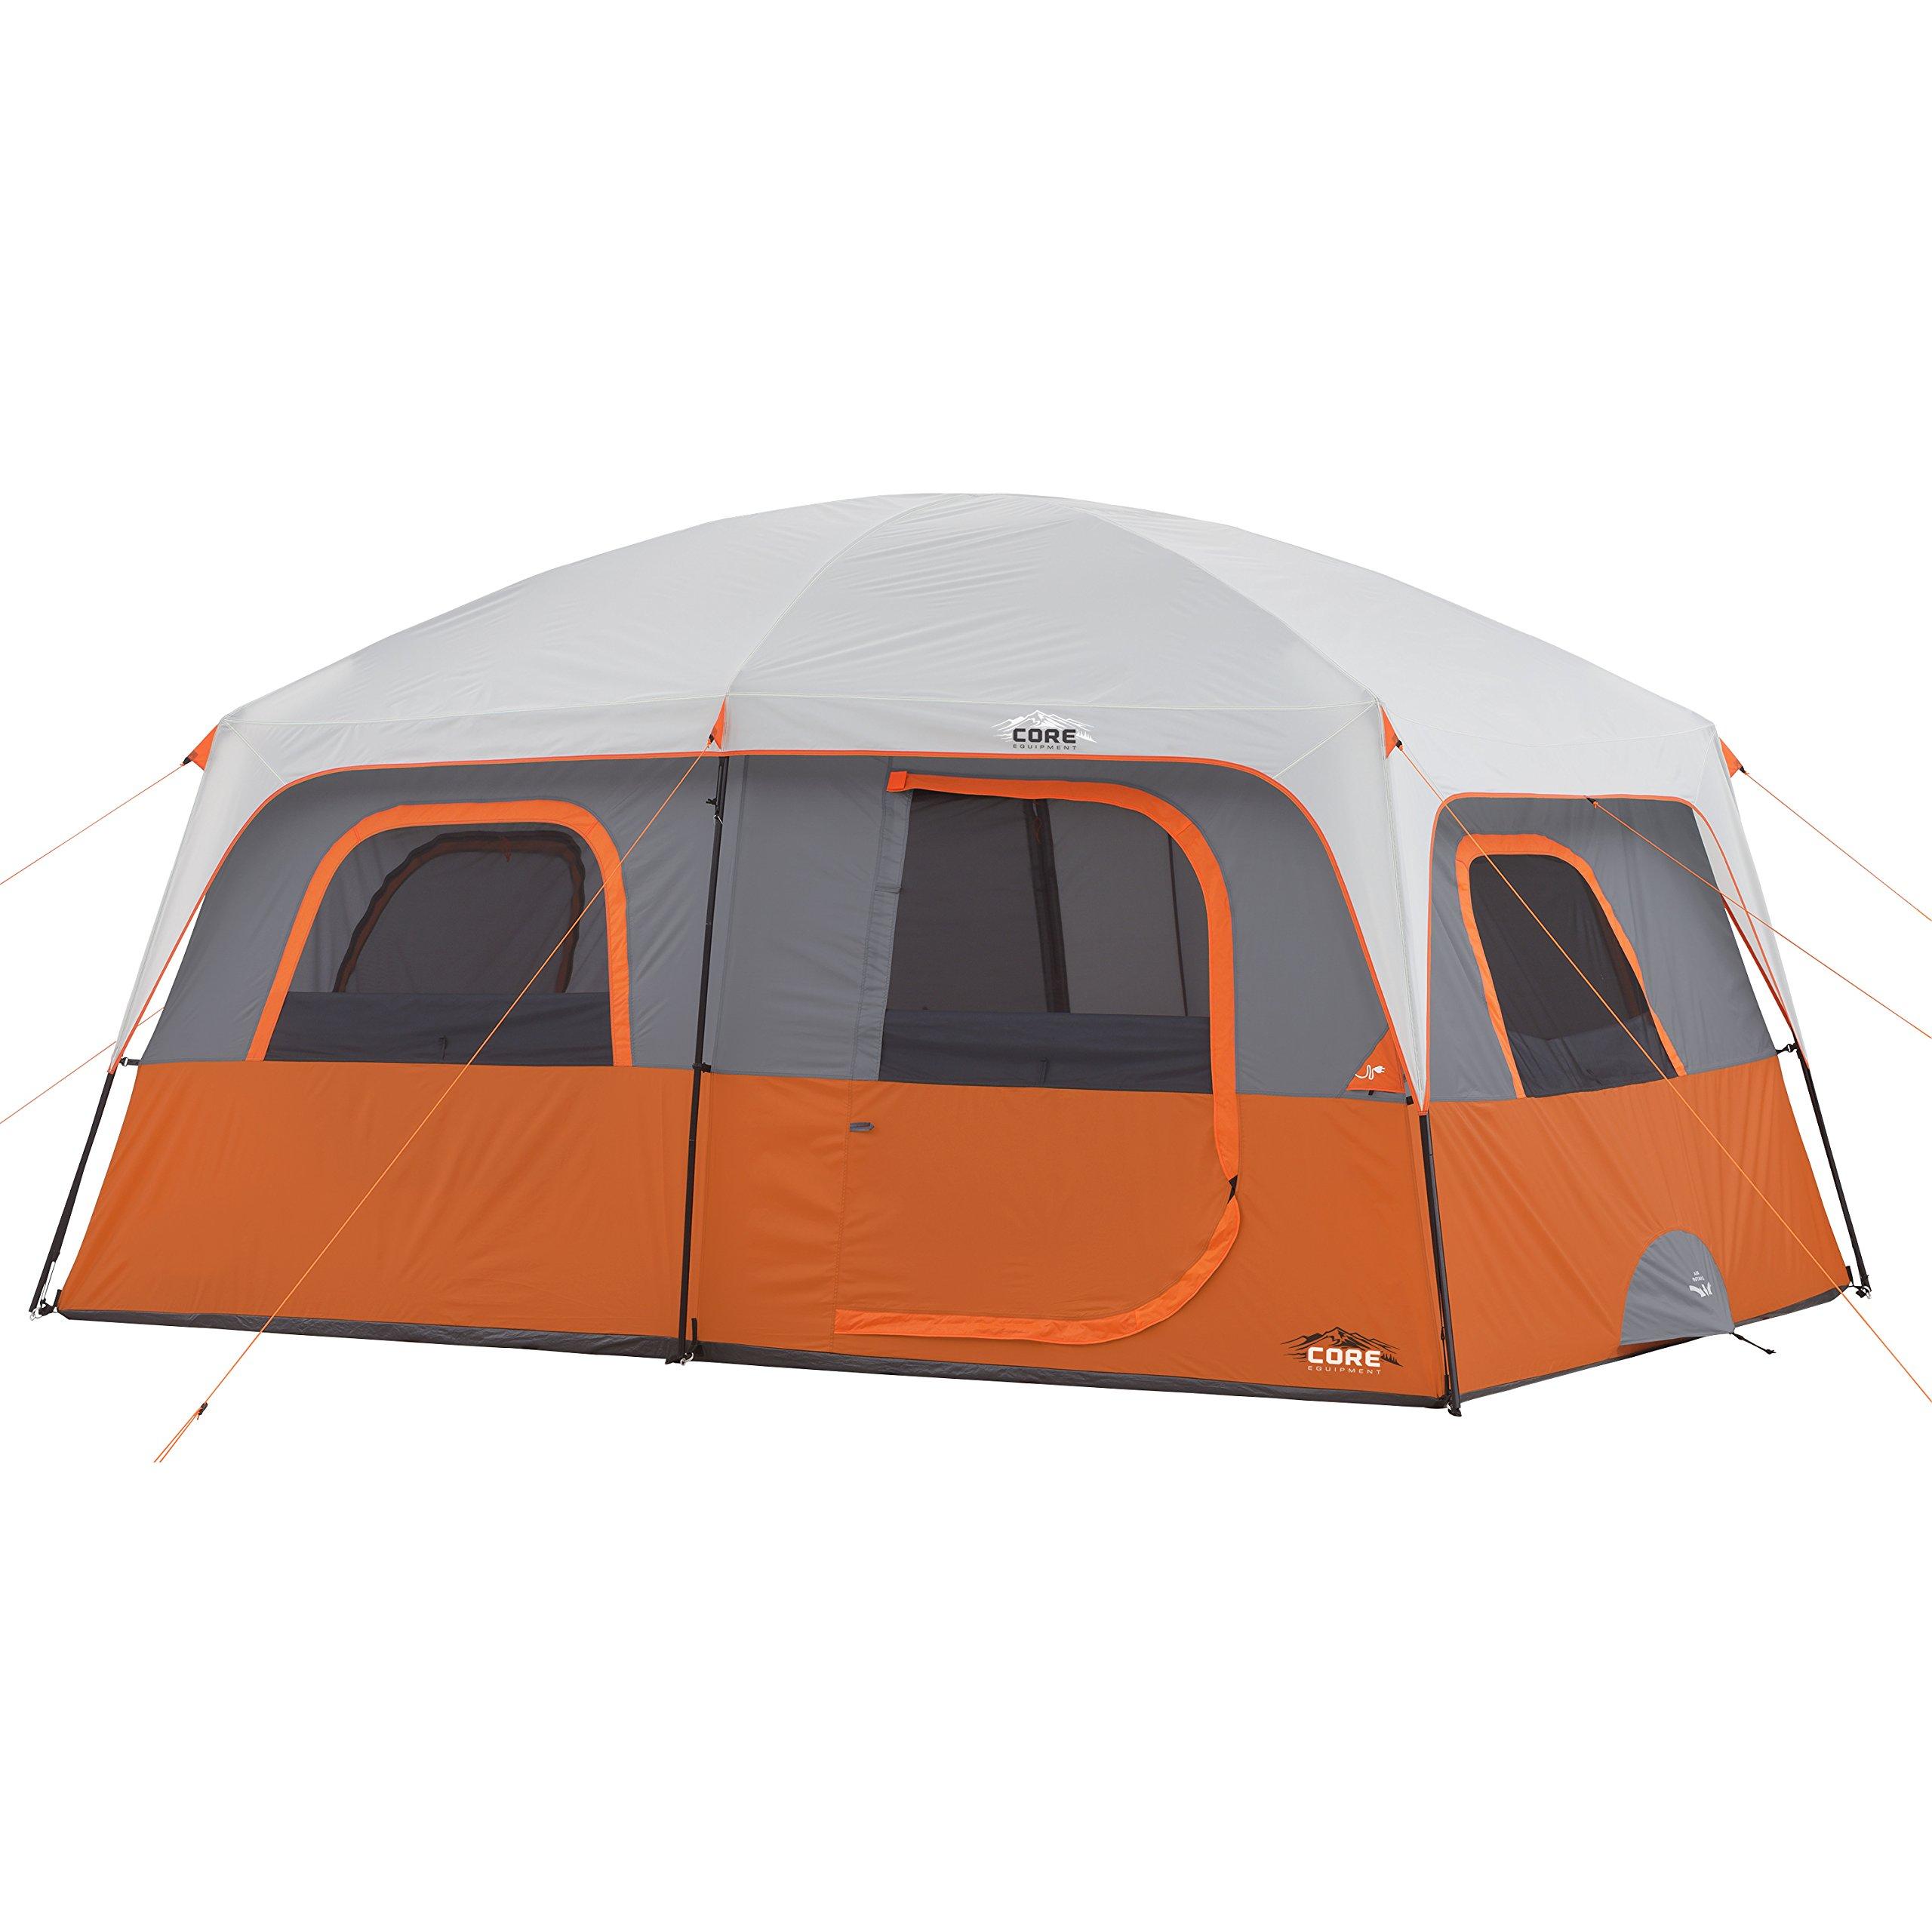 Core 10 Person Straight Wall Cabin Tent Tiendamia Com